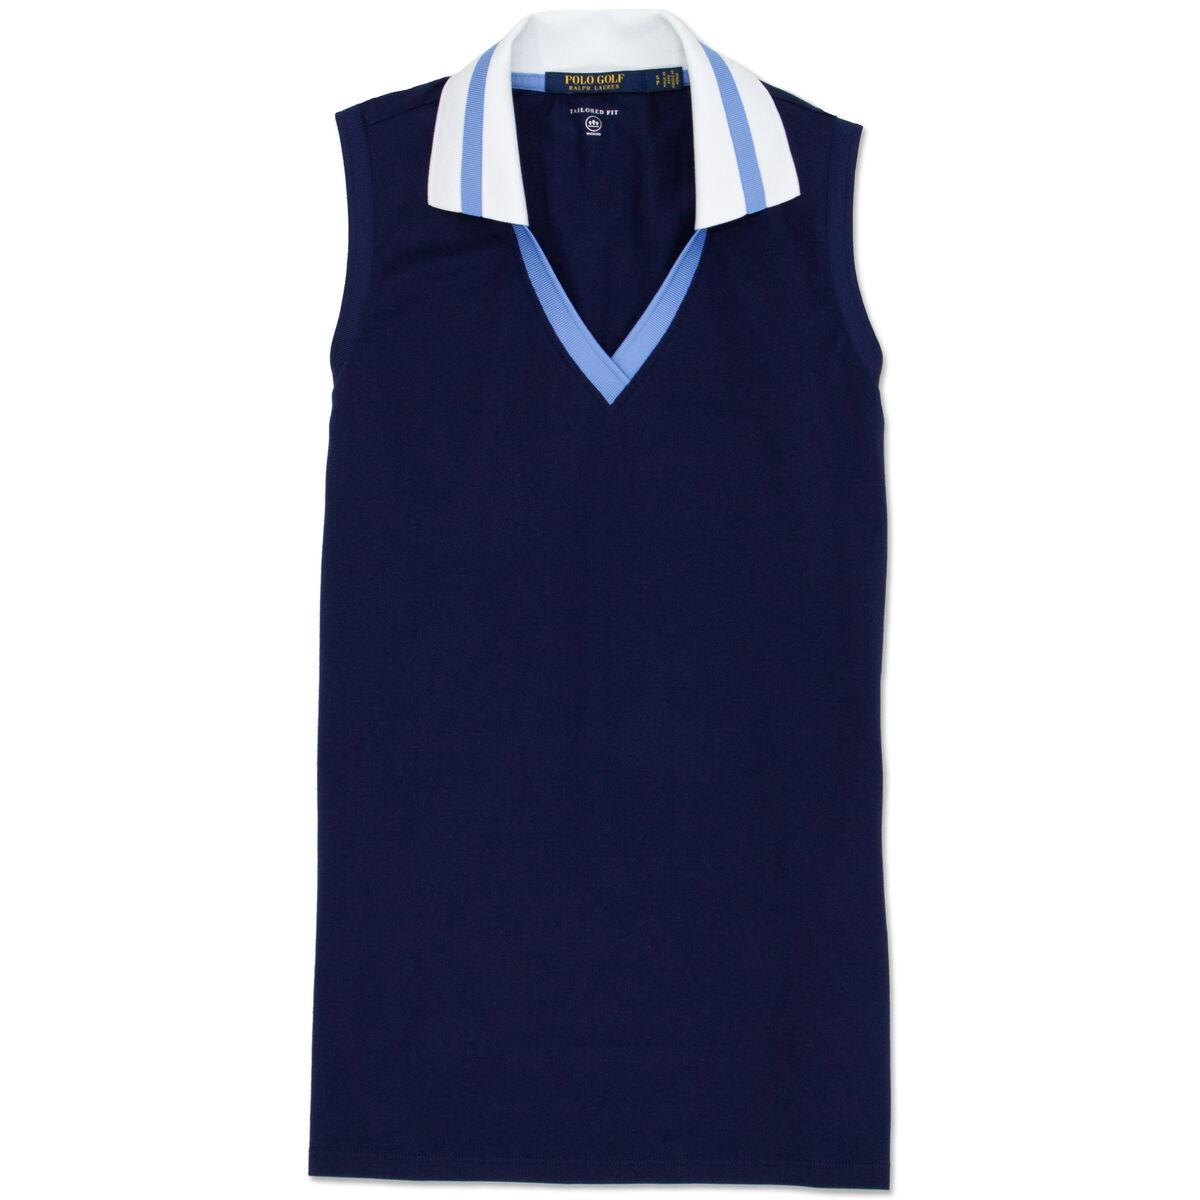 a02c3055 Polo Ralph Lauren Girls PERFORMANCE PIQUE SLEEVELESS SHIRT | PGA ...